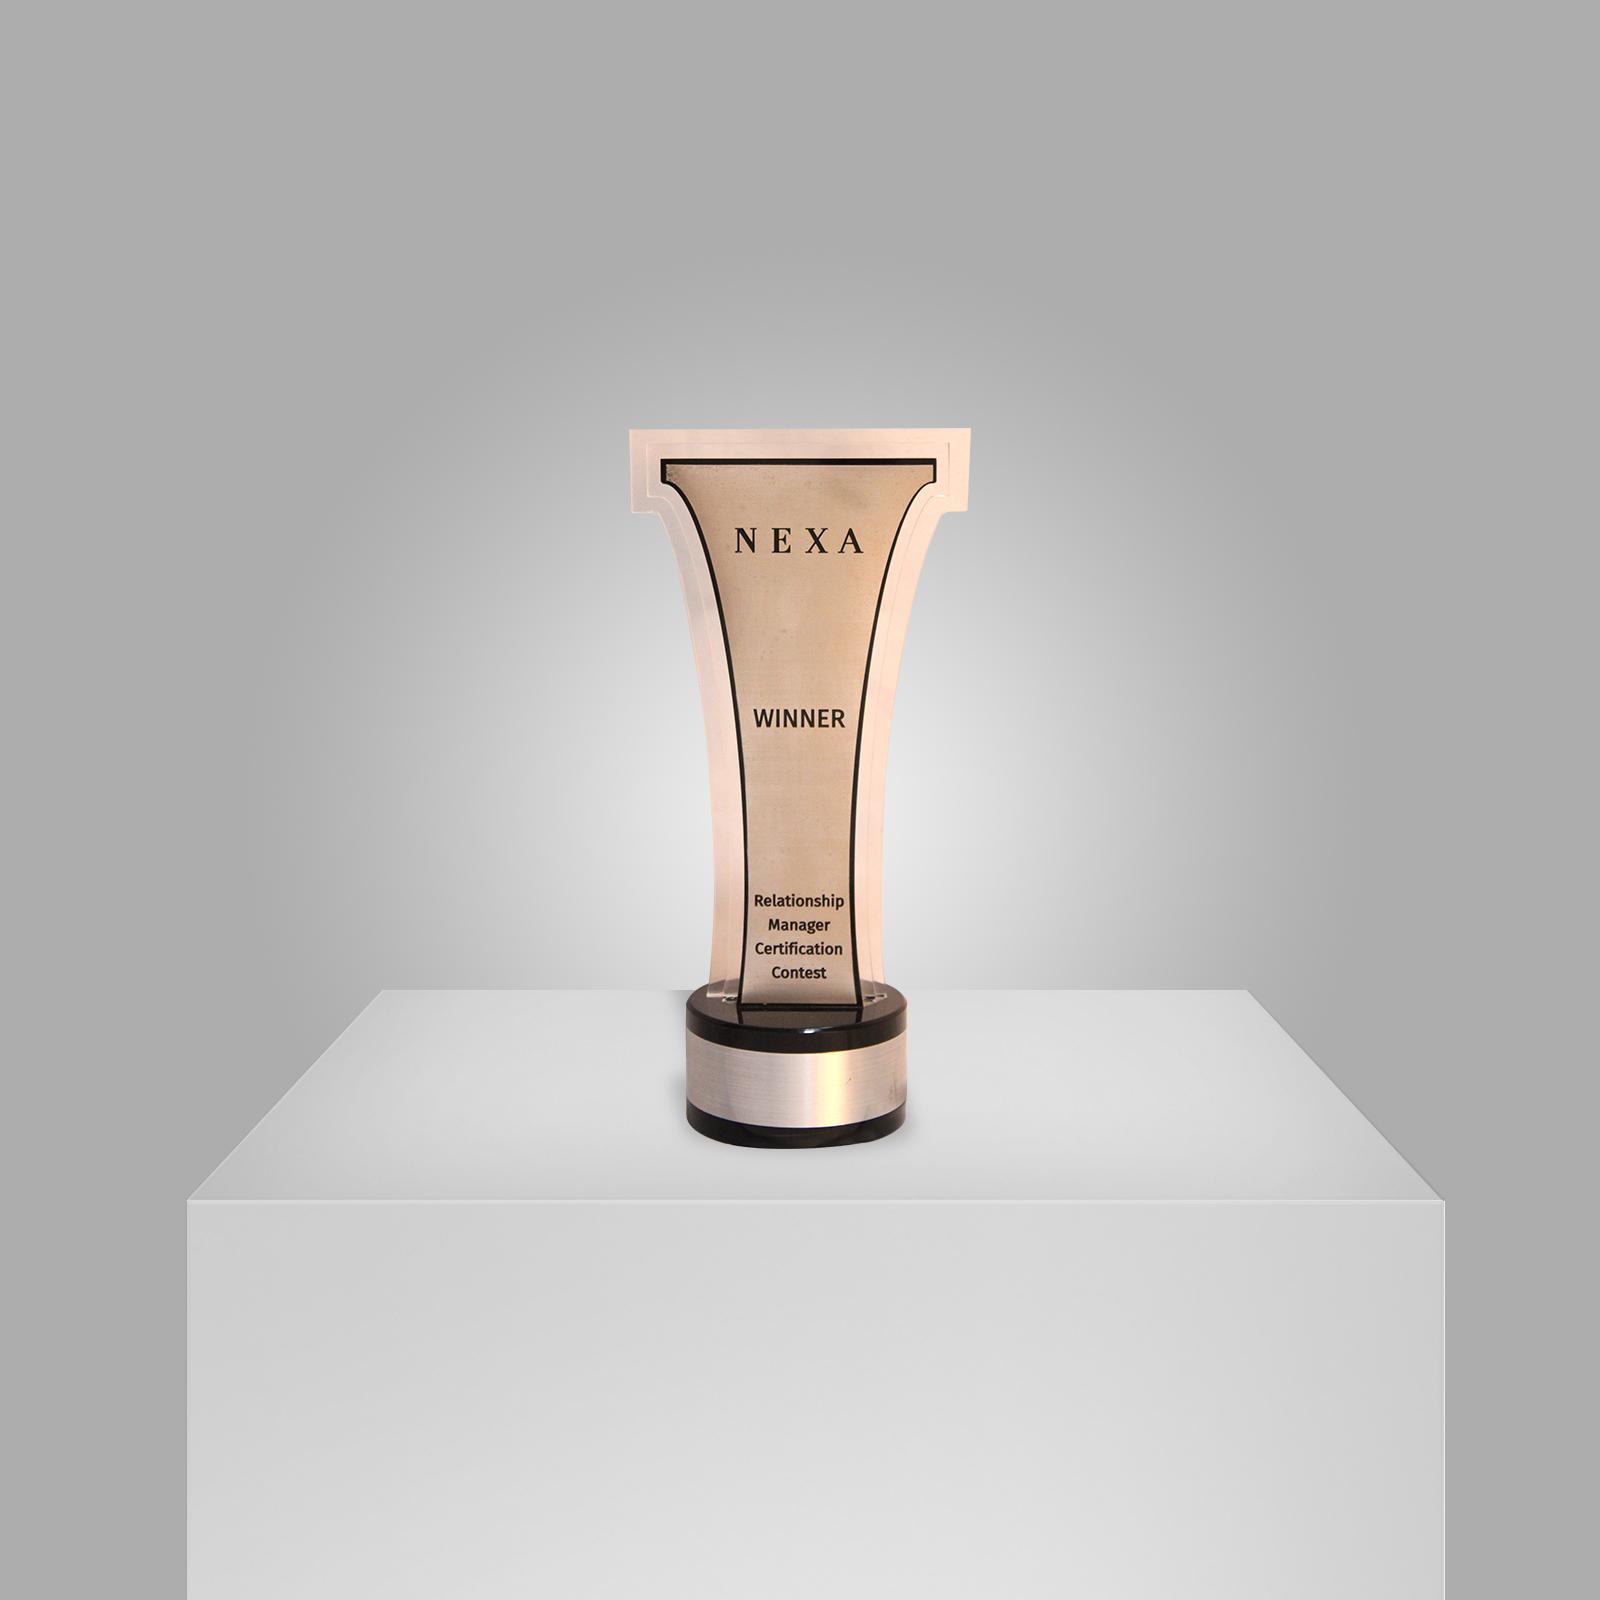 nexa-relationship-manager-certification-winner